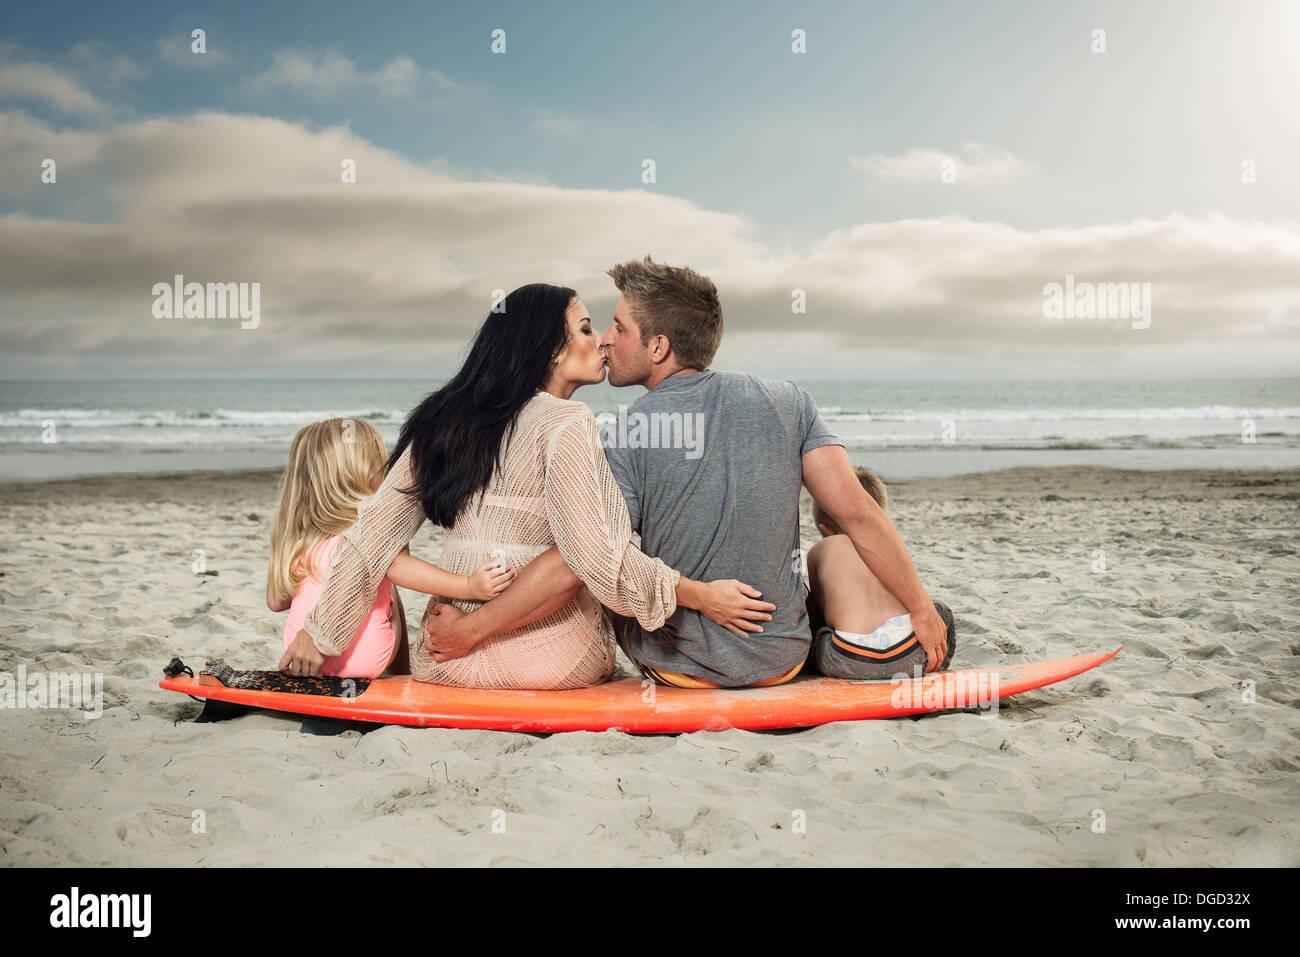 Familia Joven sentada sobre tablas de surf en la playa con los padres besos Imagen De Stock